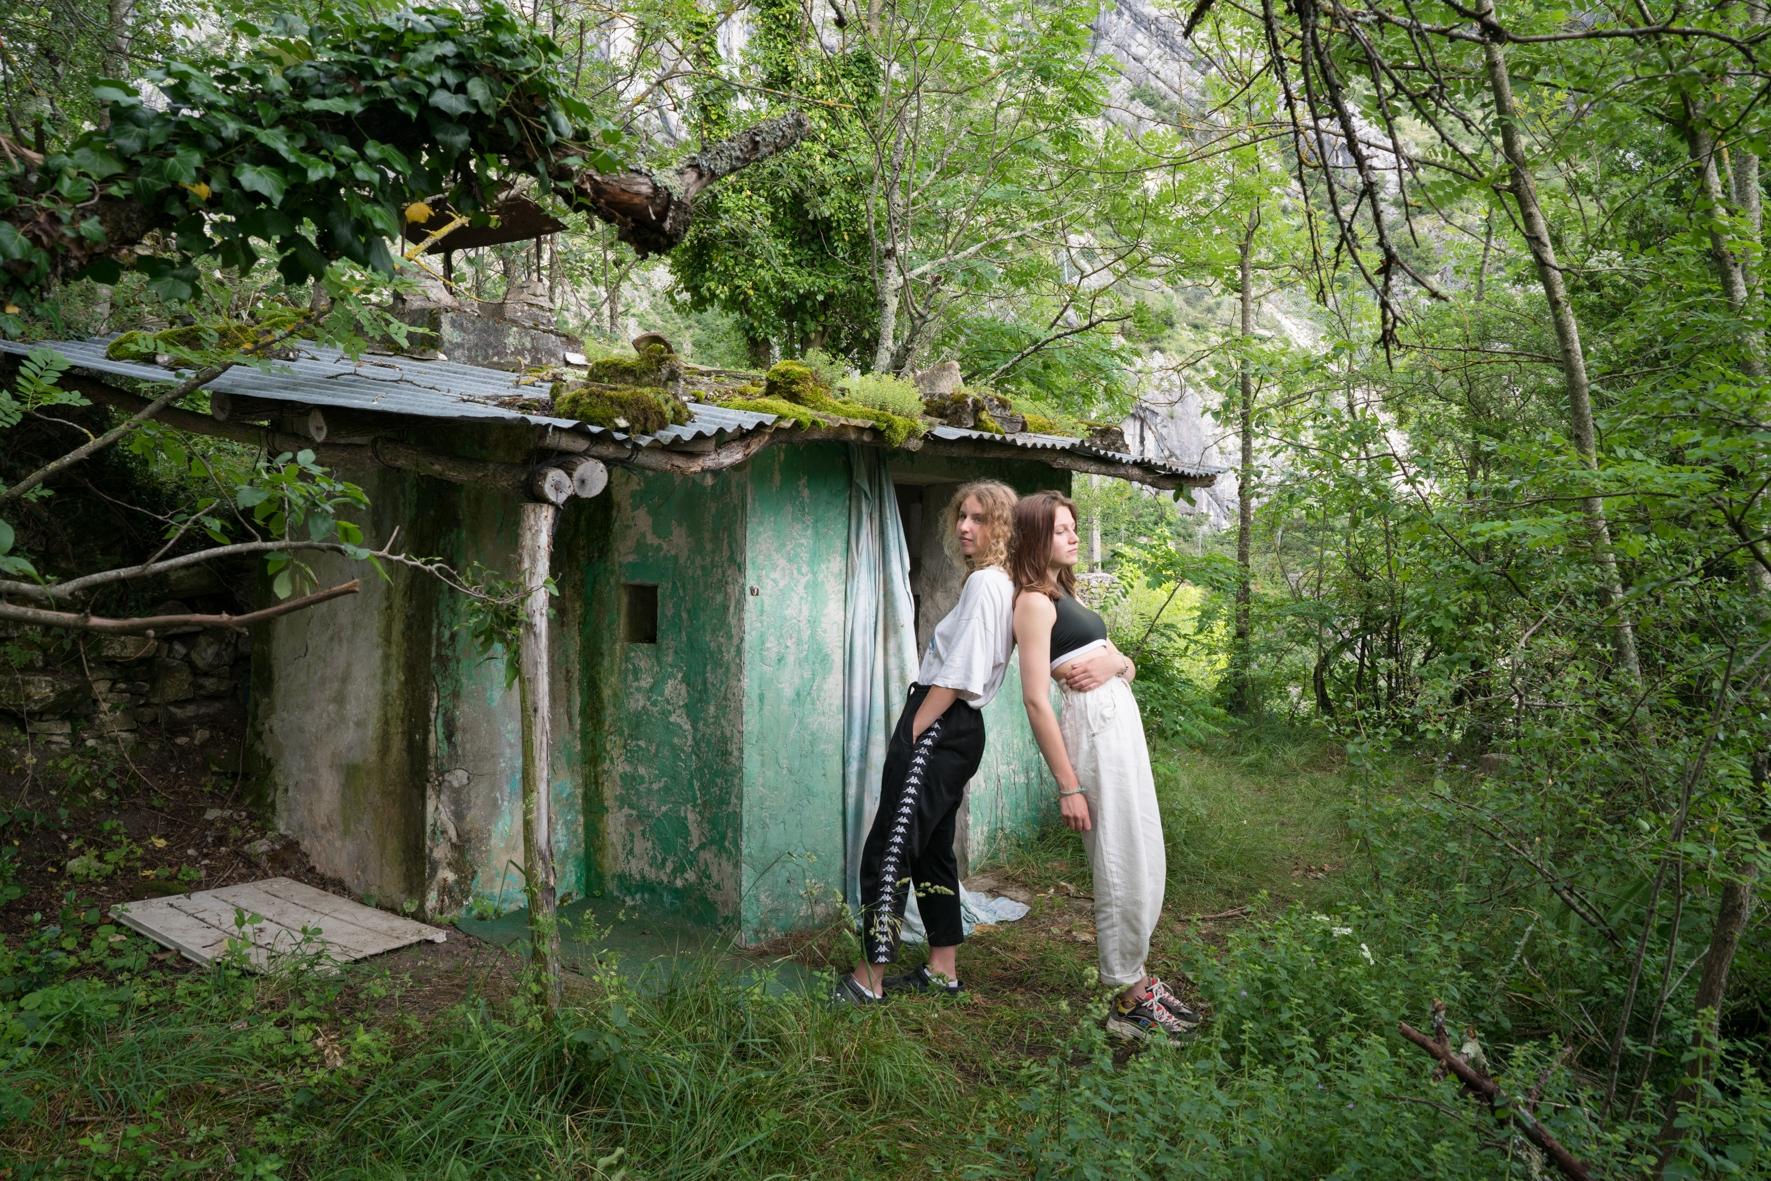 C'est l'abandon.Celui de ces lieux laissés en friche, offrant des espaces pour créer des cabanes propices à l'amitié.Celui des corps portés par le vide, apprivoisant la chute,traversant l'air jusqu'à la rencontre de l'eau.Celui des têtes qui se posent sur l'épaule de l'autre,des dos qui osent le déséquilibre.Lilou et Léna sont deux adolescentes vivant à Pont en Royans. Amoureuses de ce coin de terre, elles nous ont ouvert un peu de leur jardin secret.